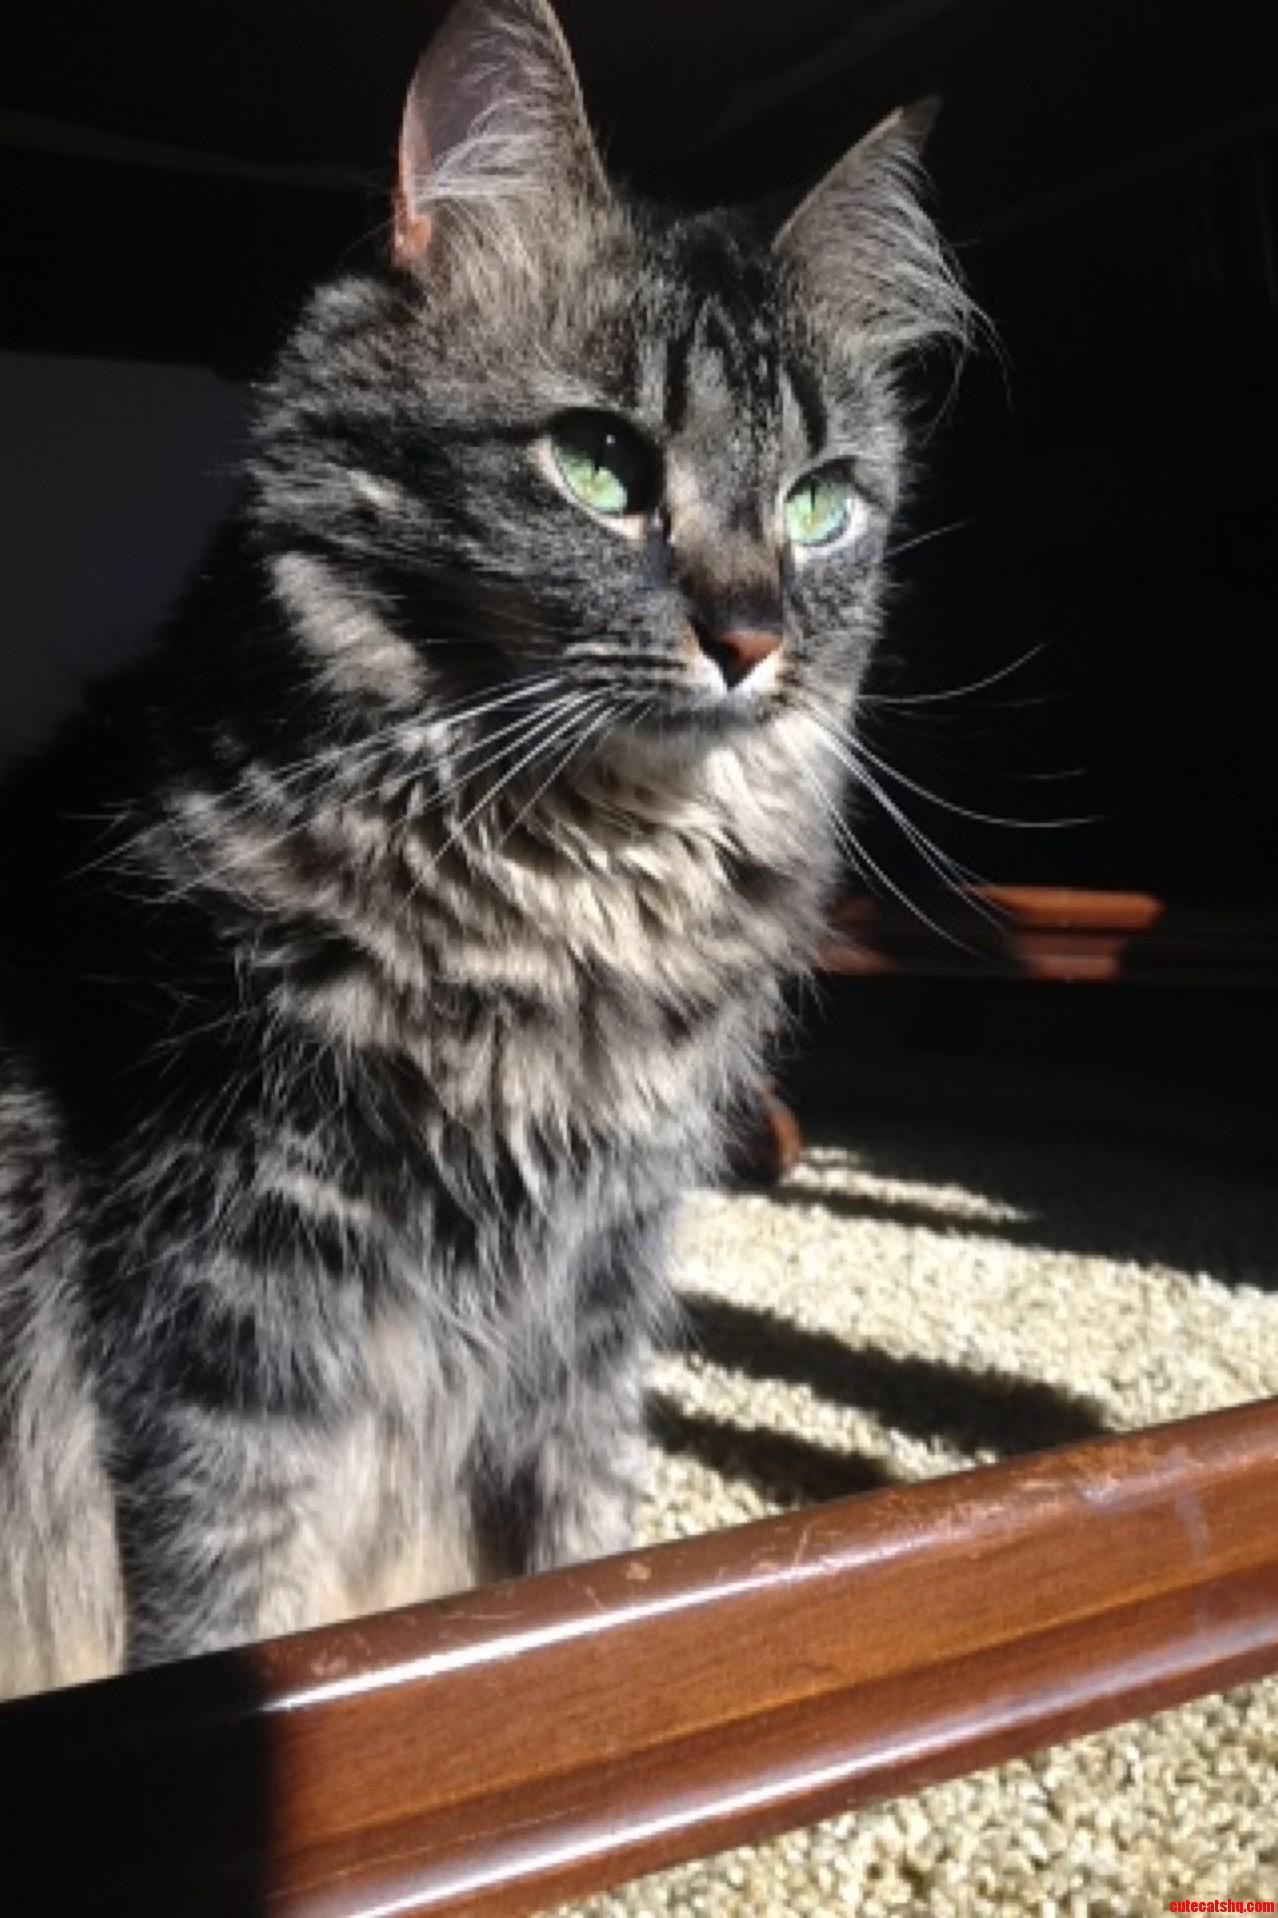 My Kitty Margot Basking